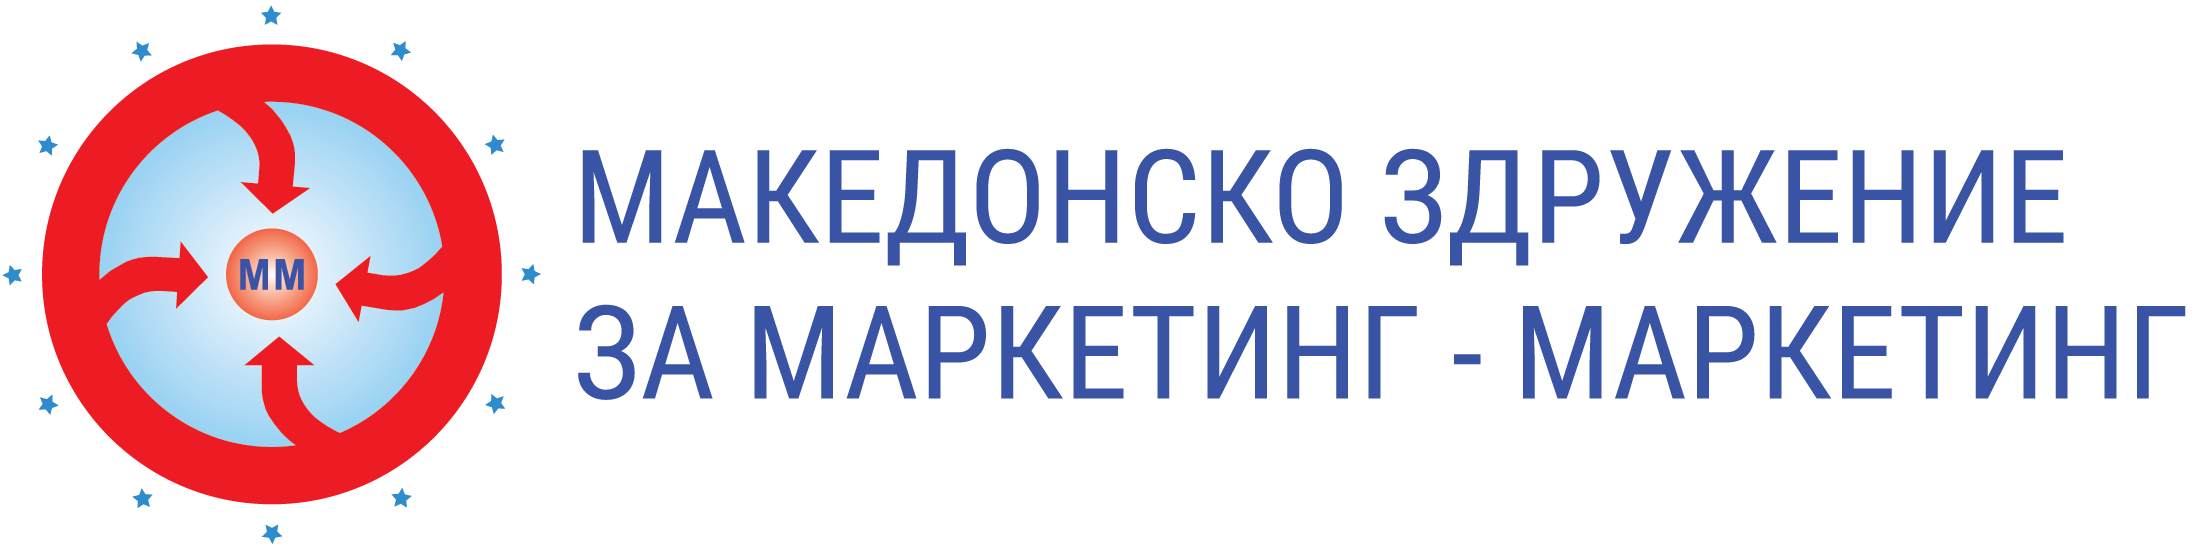 Logo so tekst